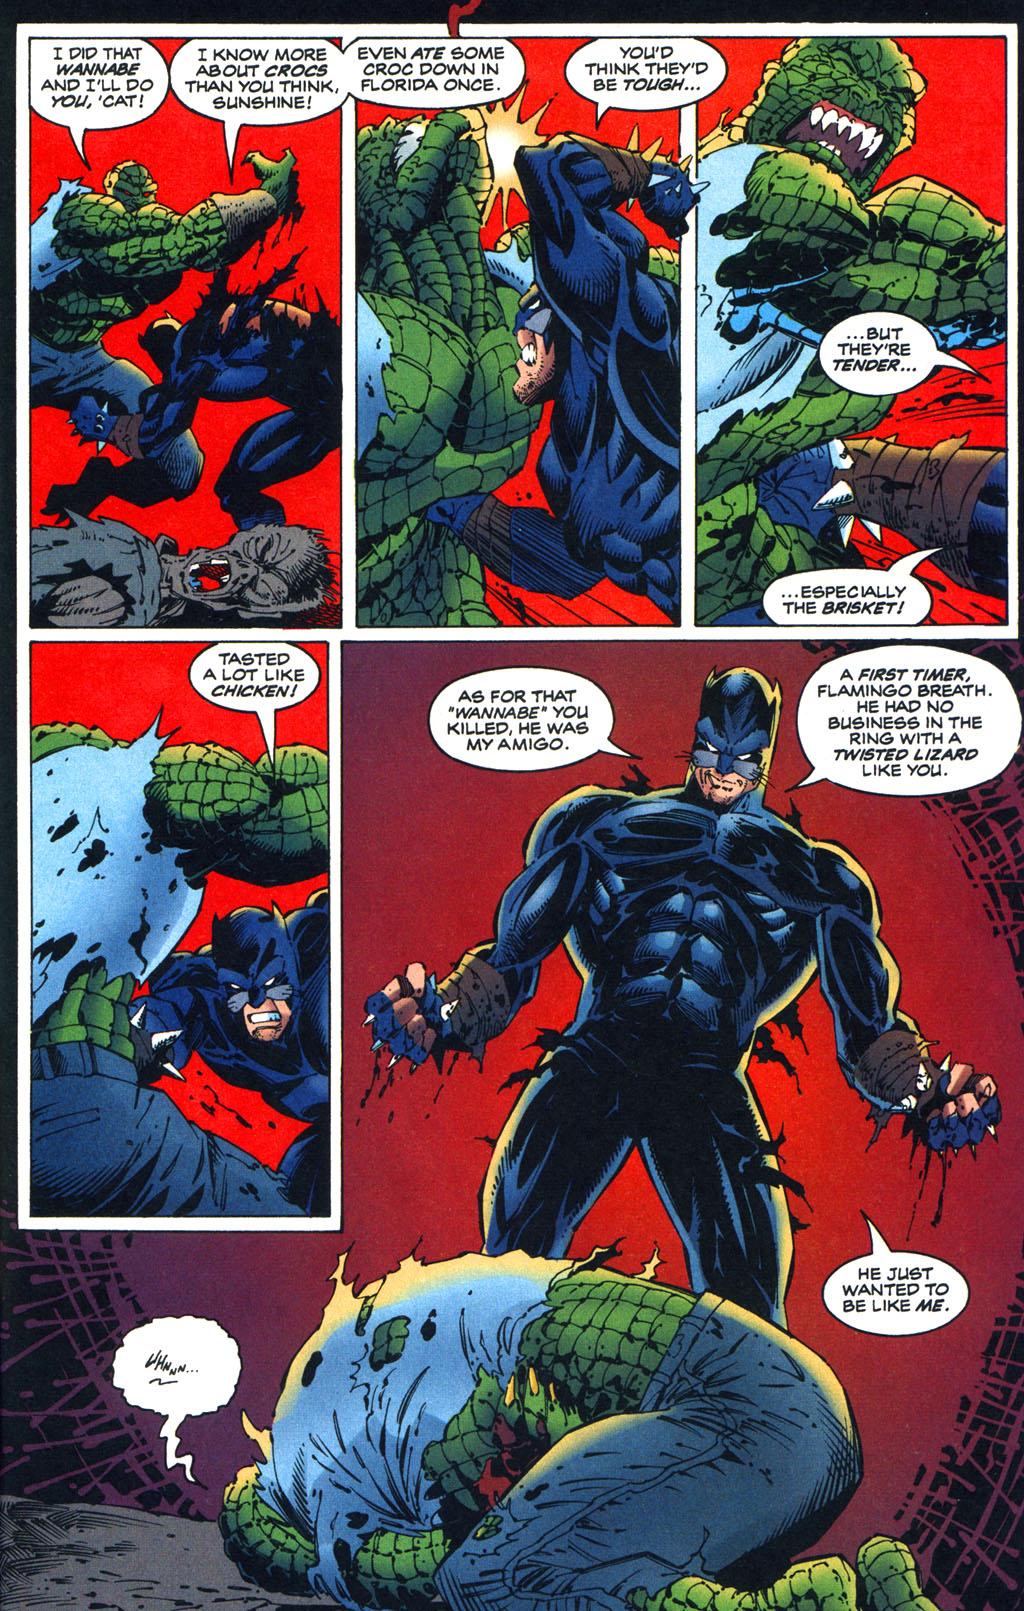 Read online Batman/Wildcat comic -  Issue #3 - 14